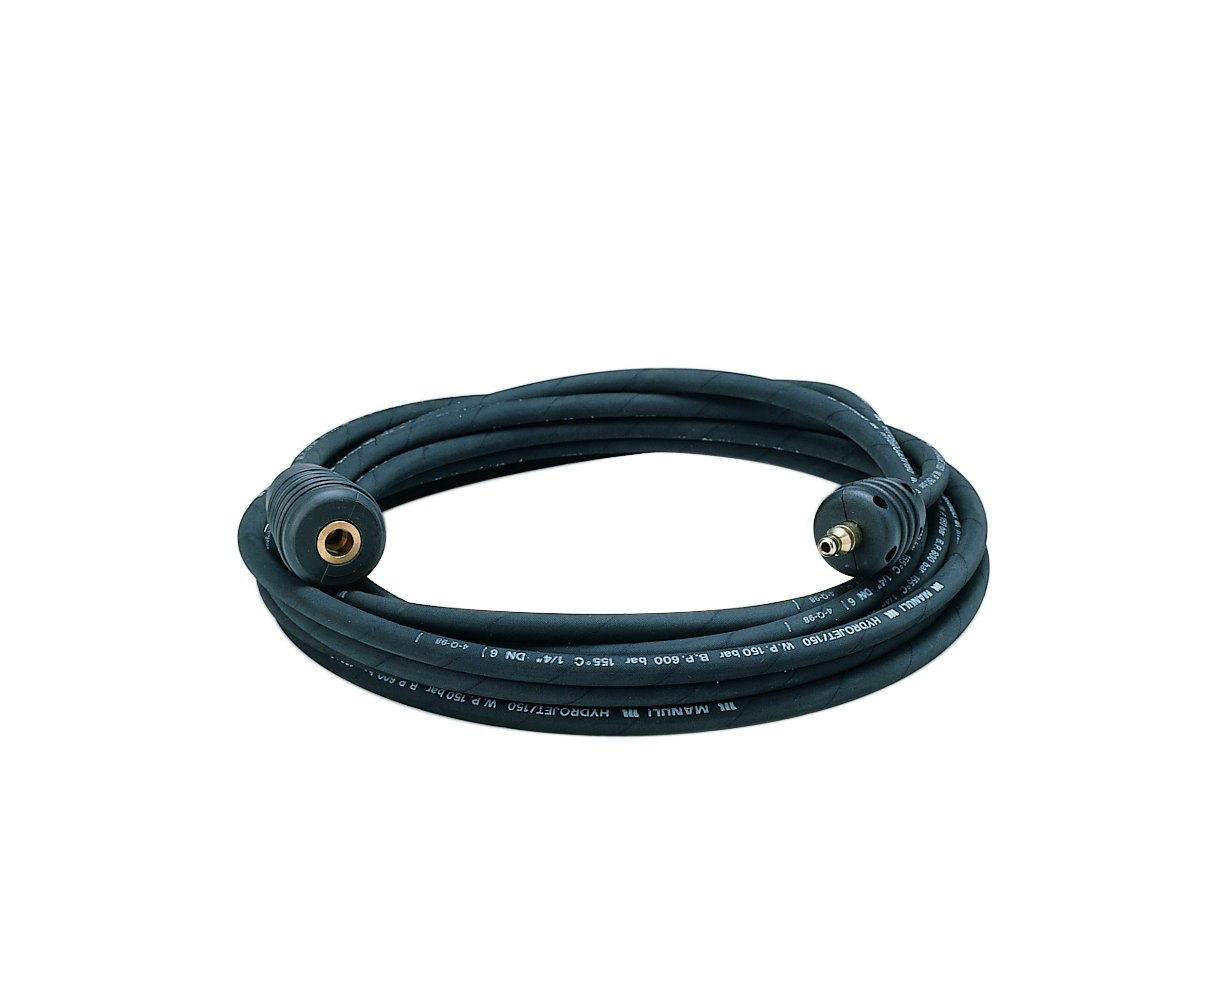 Nilfisk-7m-Verlngerungsschlauch-mit-Stahlarmierung-6411048-Hochdruckschlauch-Verlngerung-7-m-Stahlarmierter-Schlauch-1